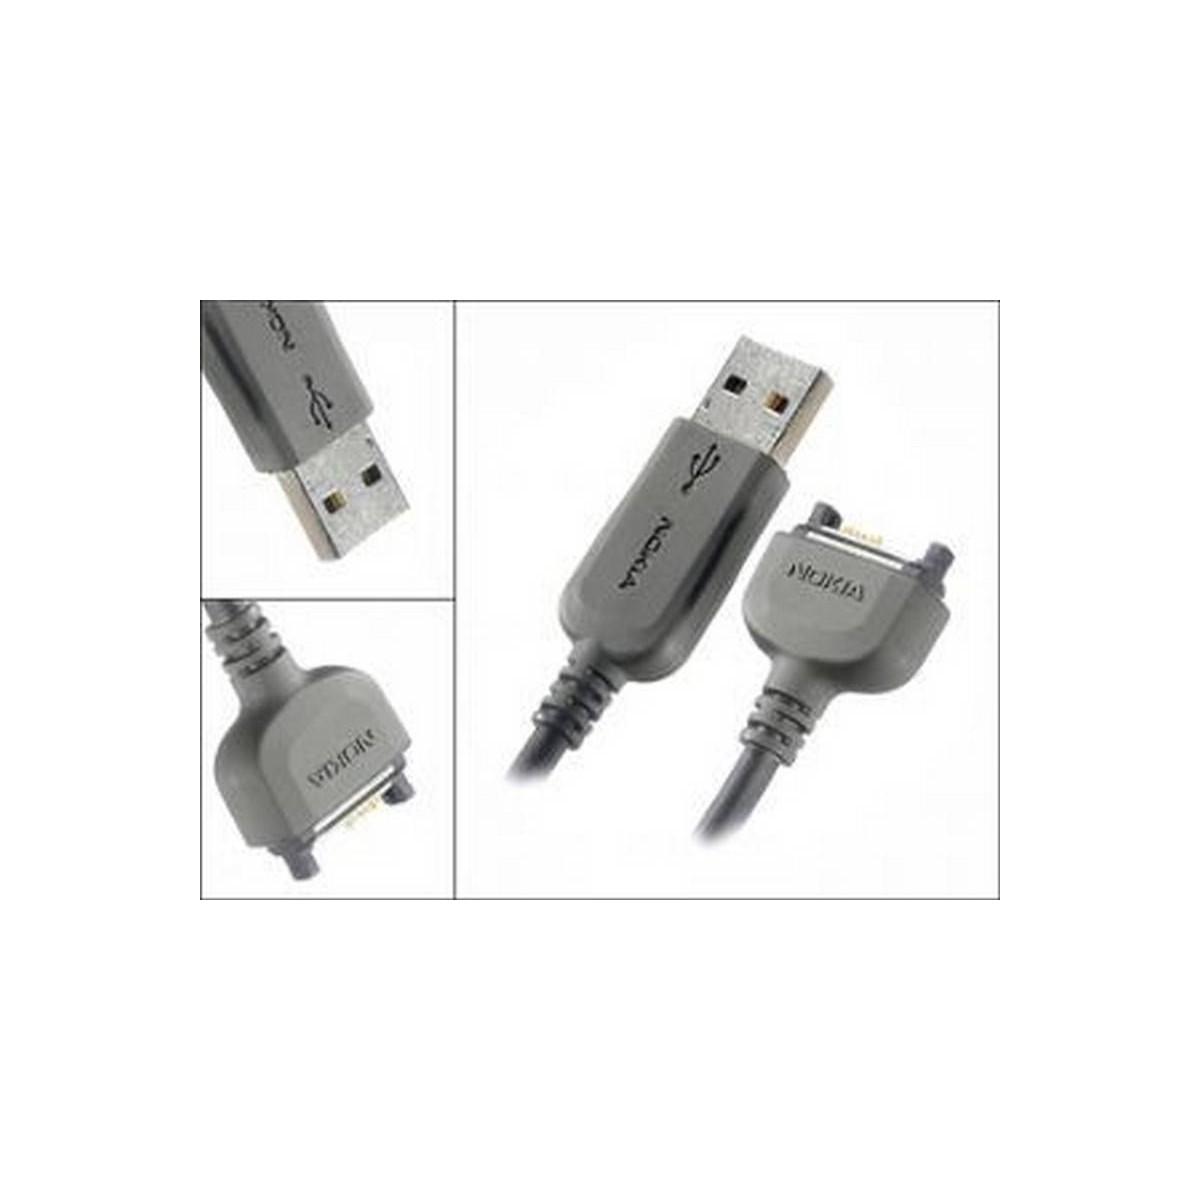 Nokia CA-53 3230/3300/6170/6230/6230i/6260... Cable de datos USB